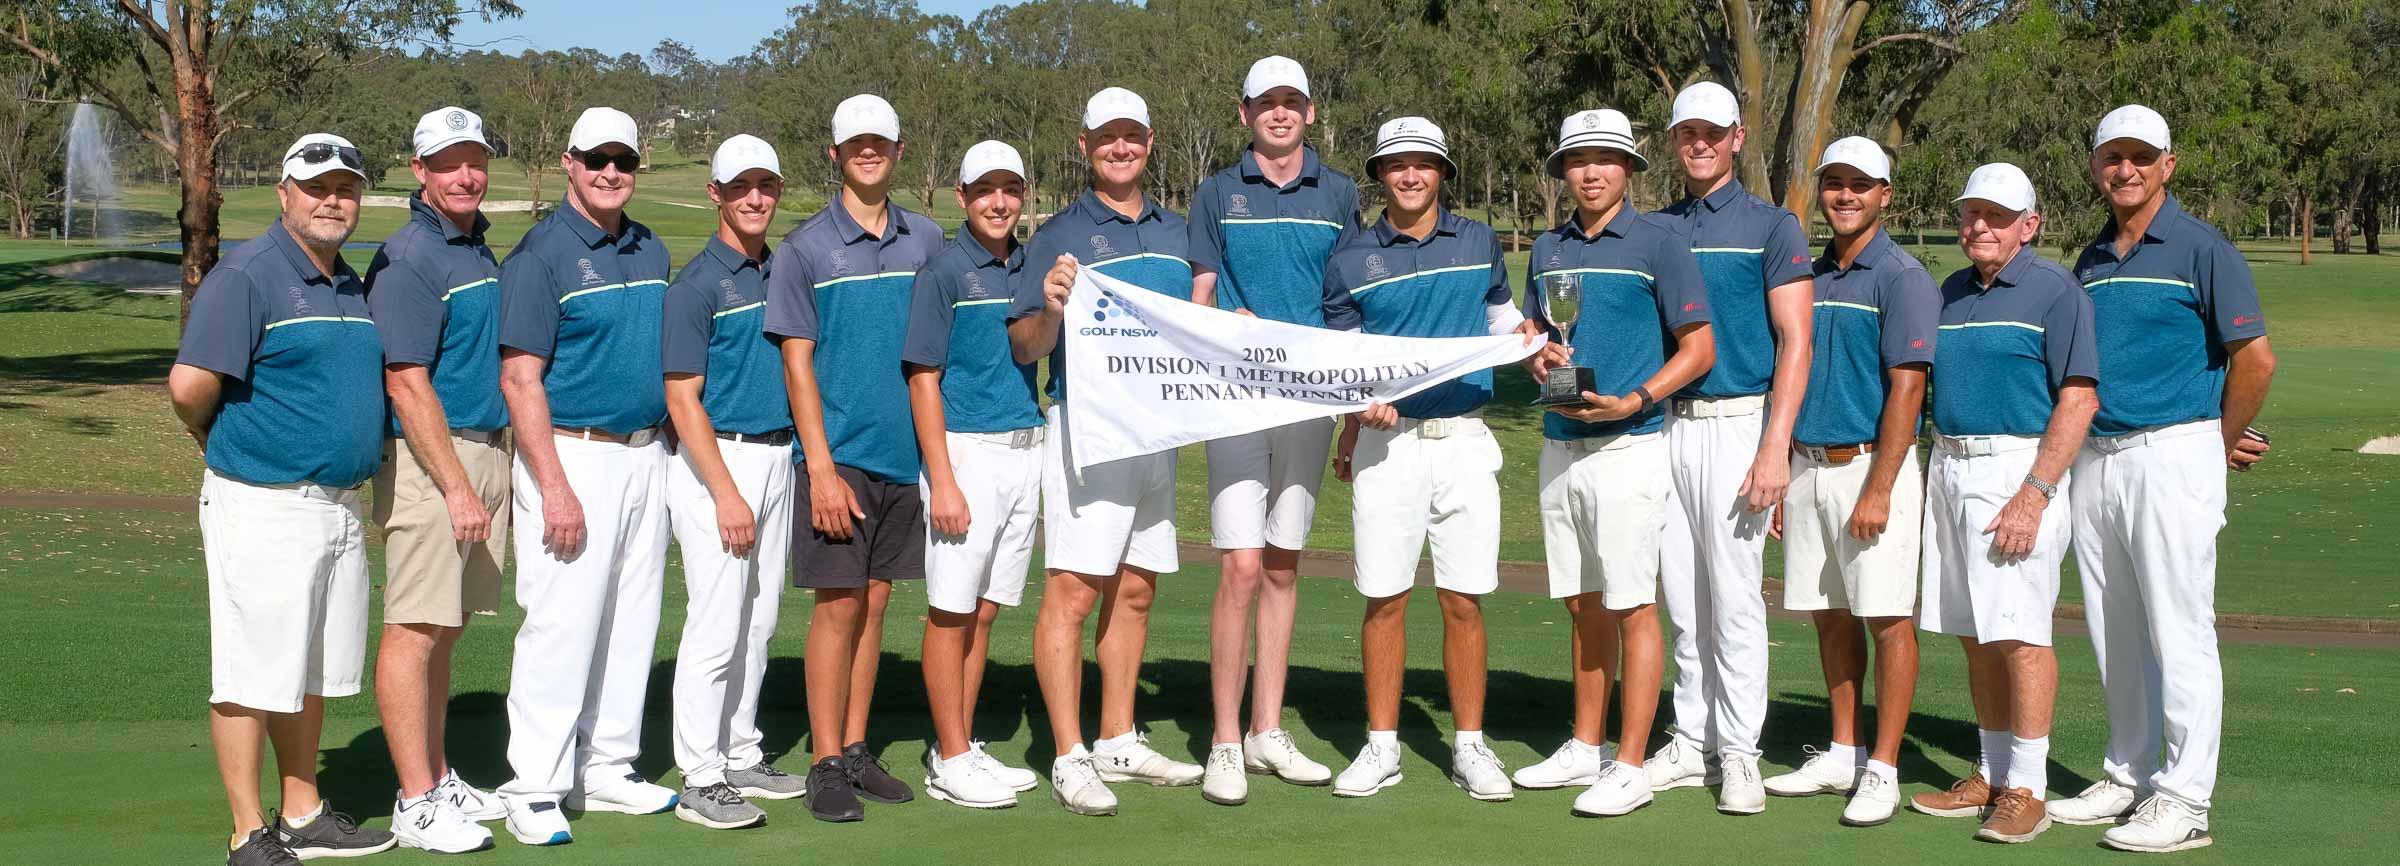 team standing behind pennant